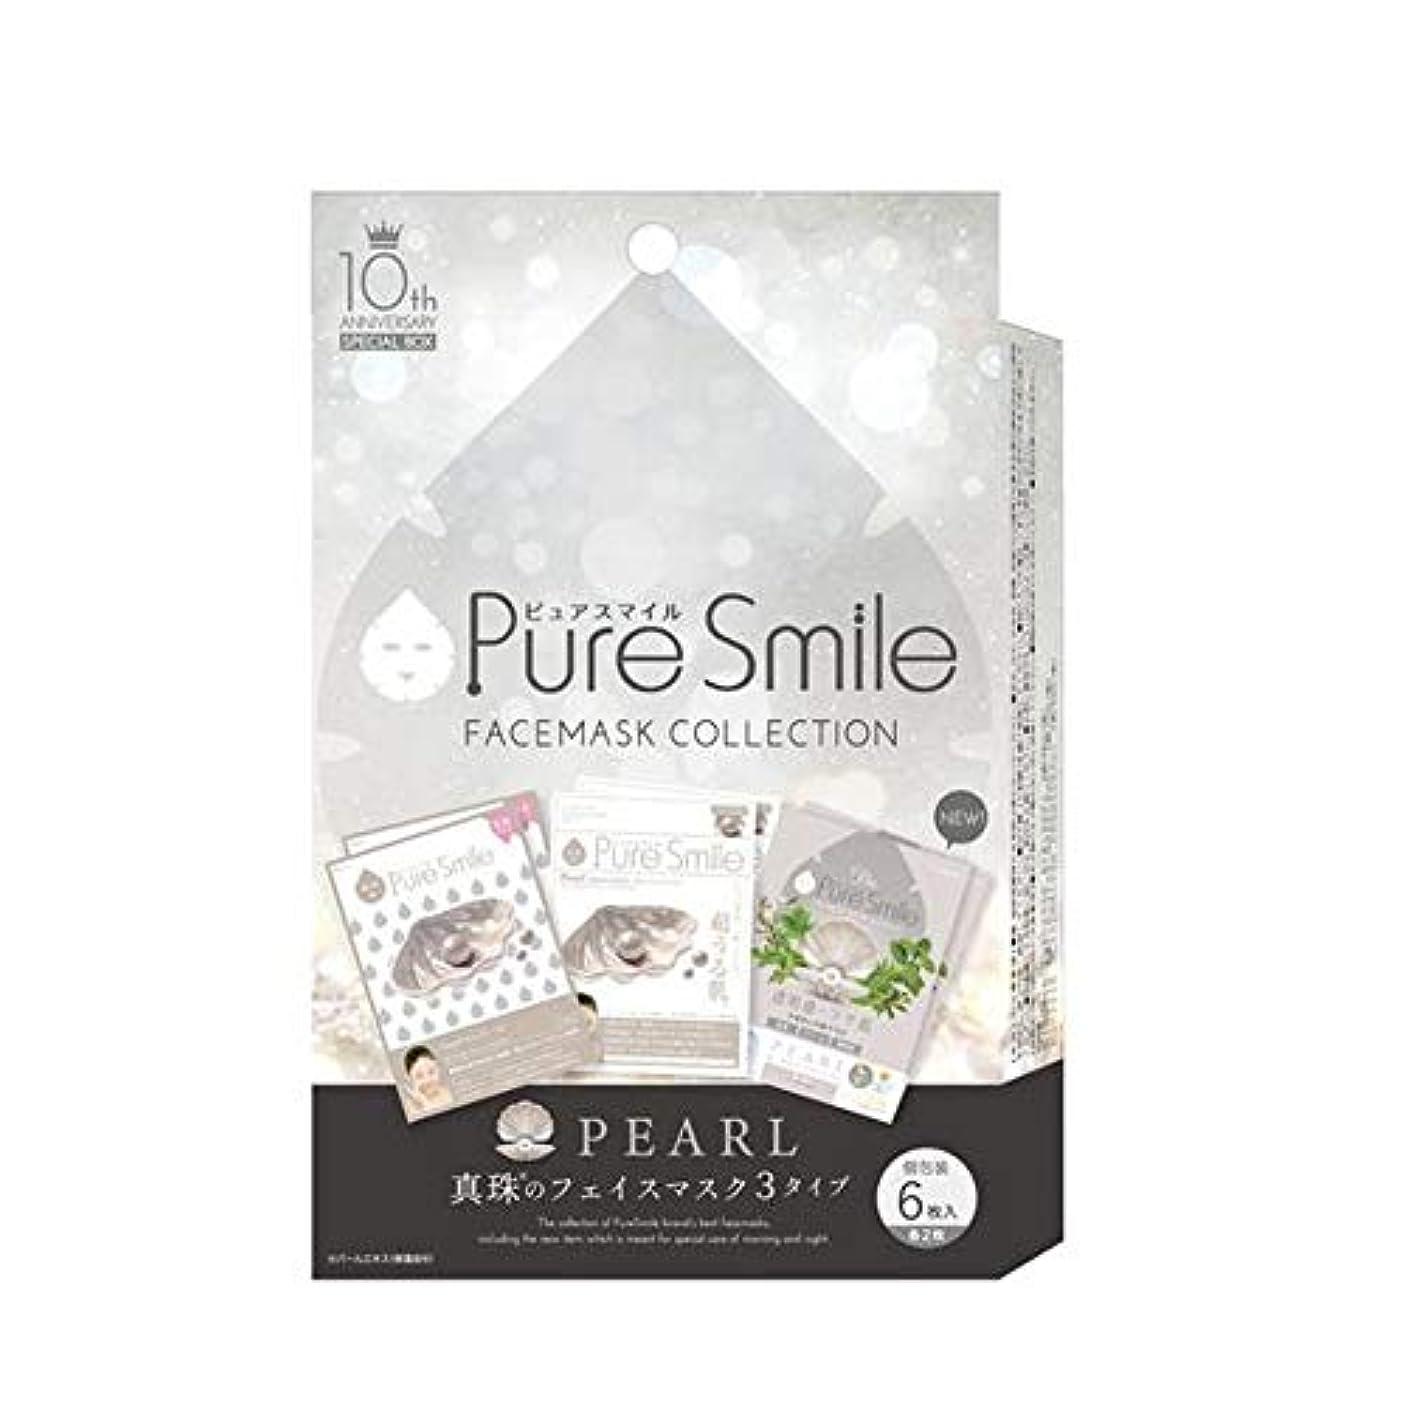 カイウス責める有料ピュア スマイル Pure Smile 10thアニバーサリー スペシャルボックス 真珠 6枚入り